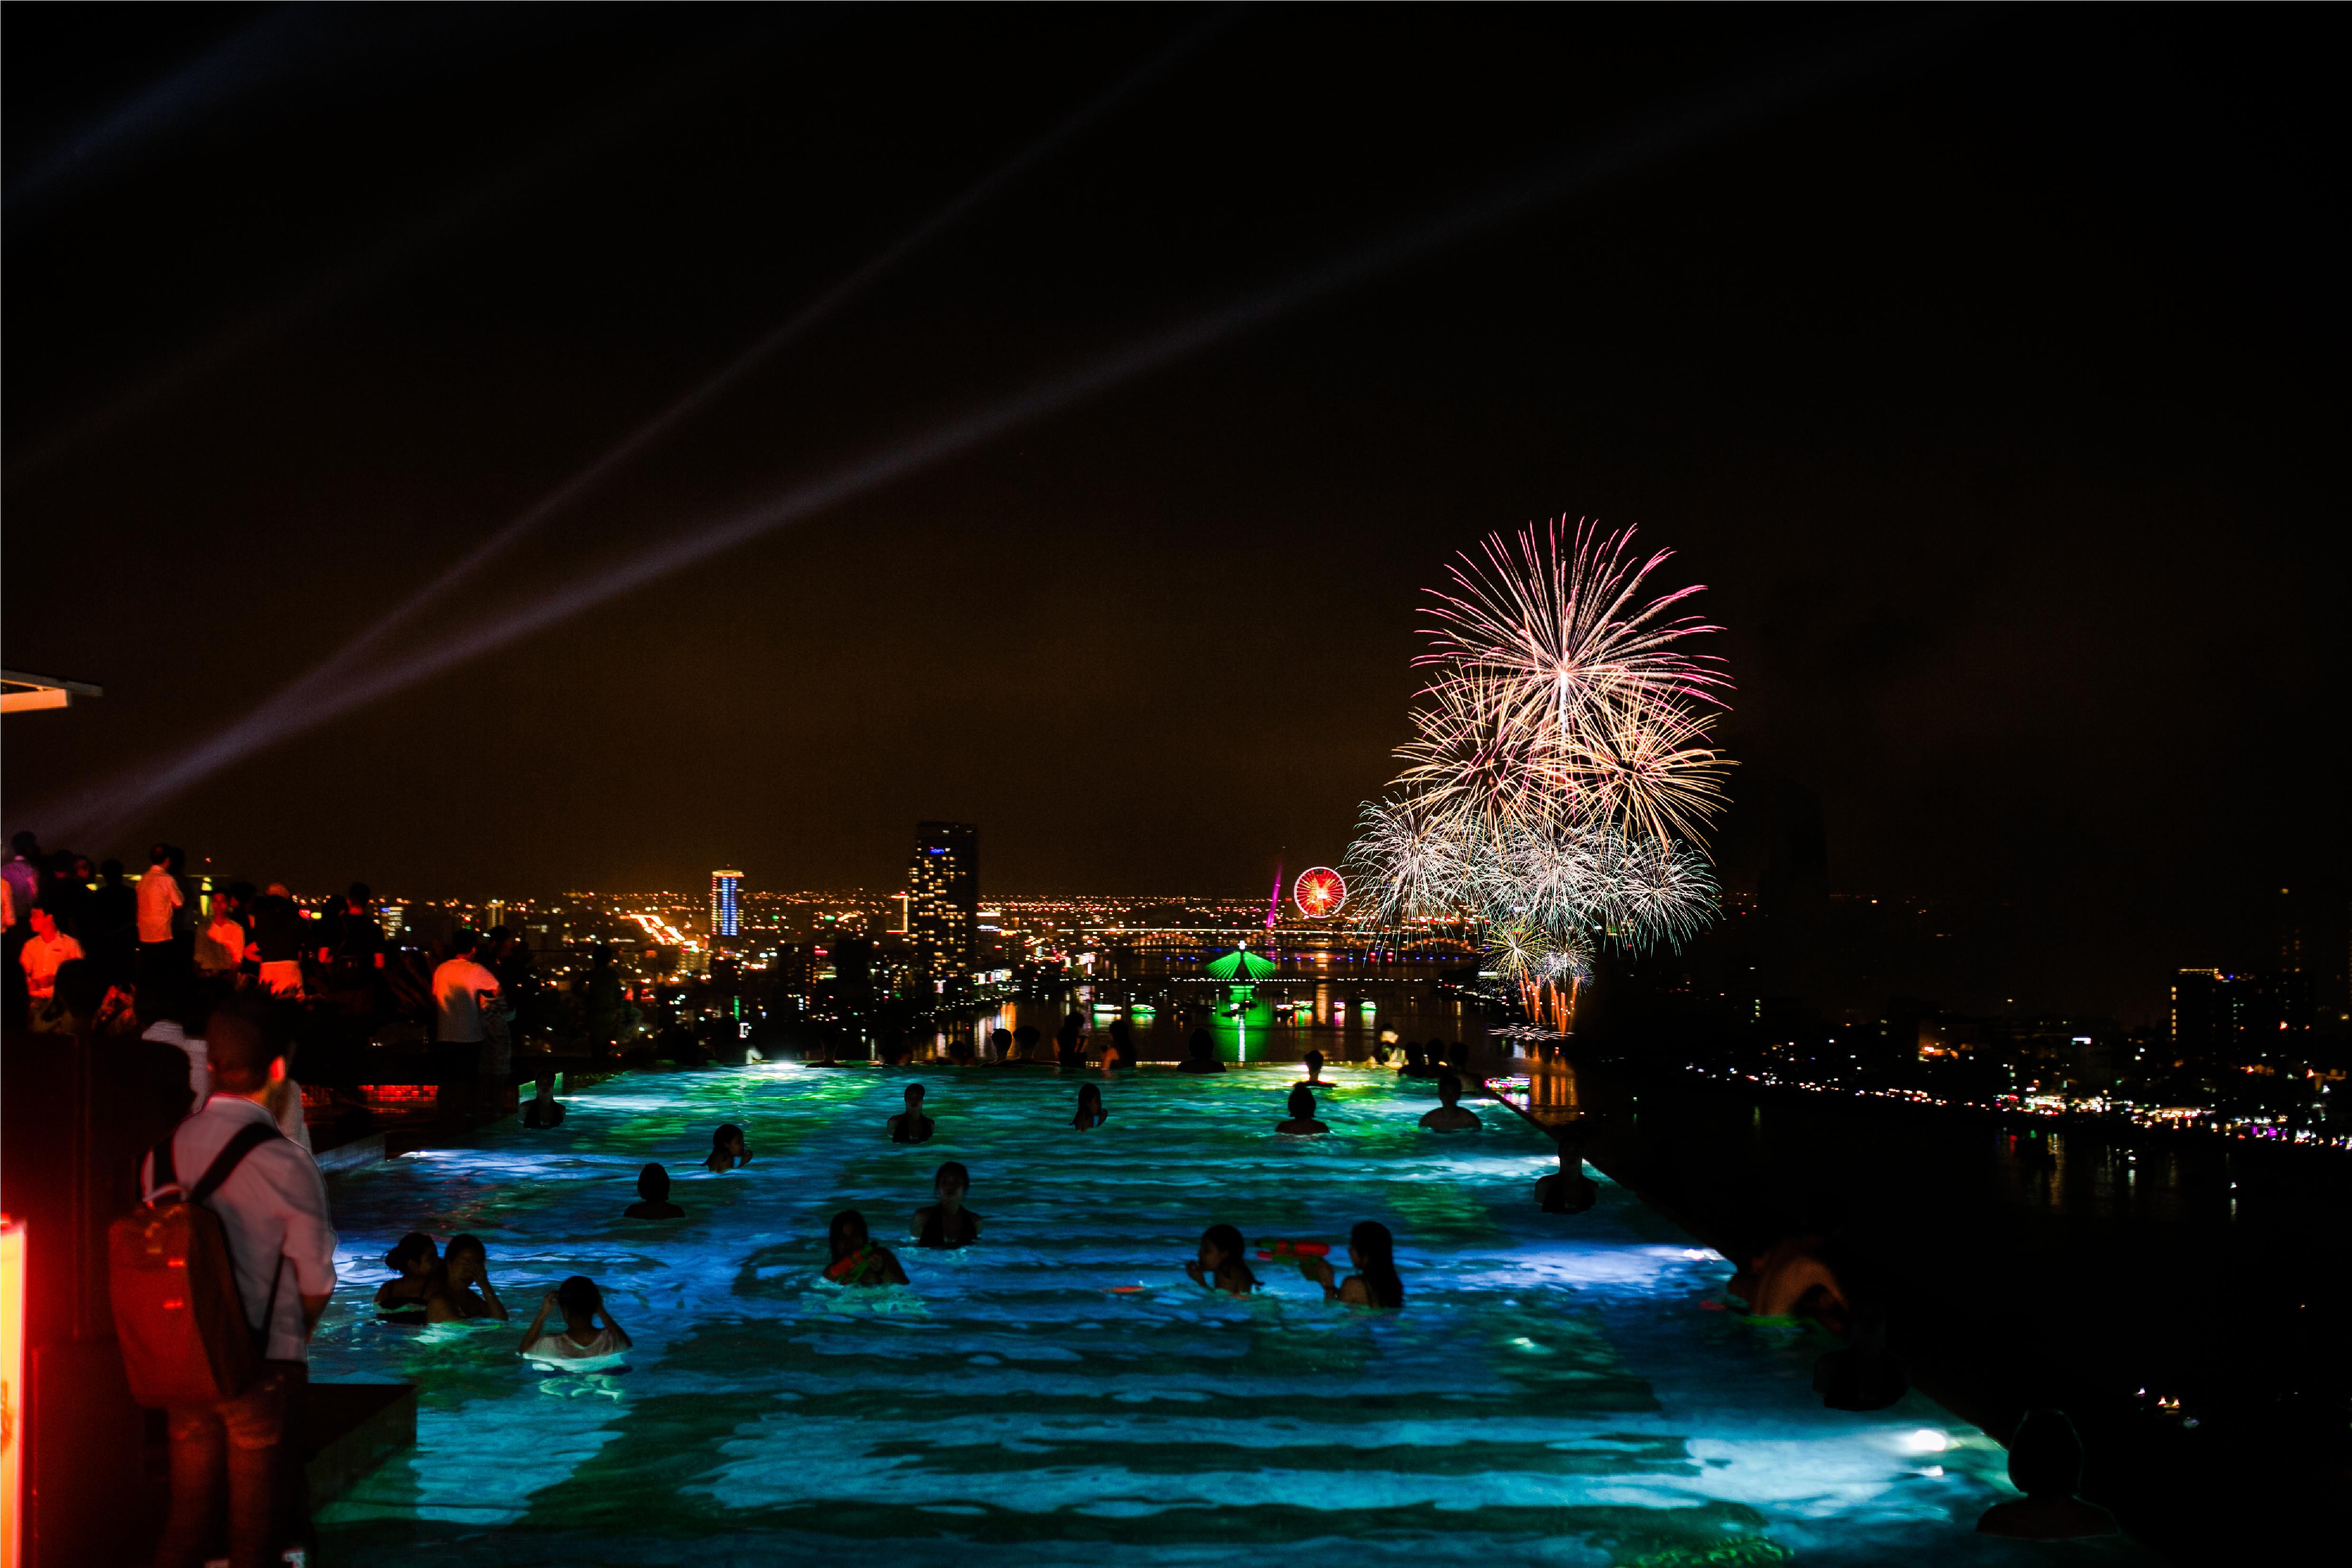 Chiêm ngưỡng pháo hoa đêm 30/4 trên bể bơi vô cực dát vàng.